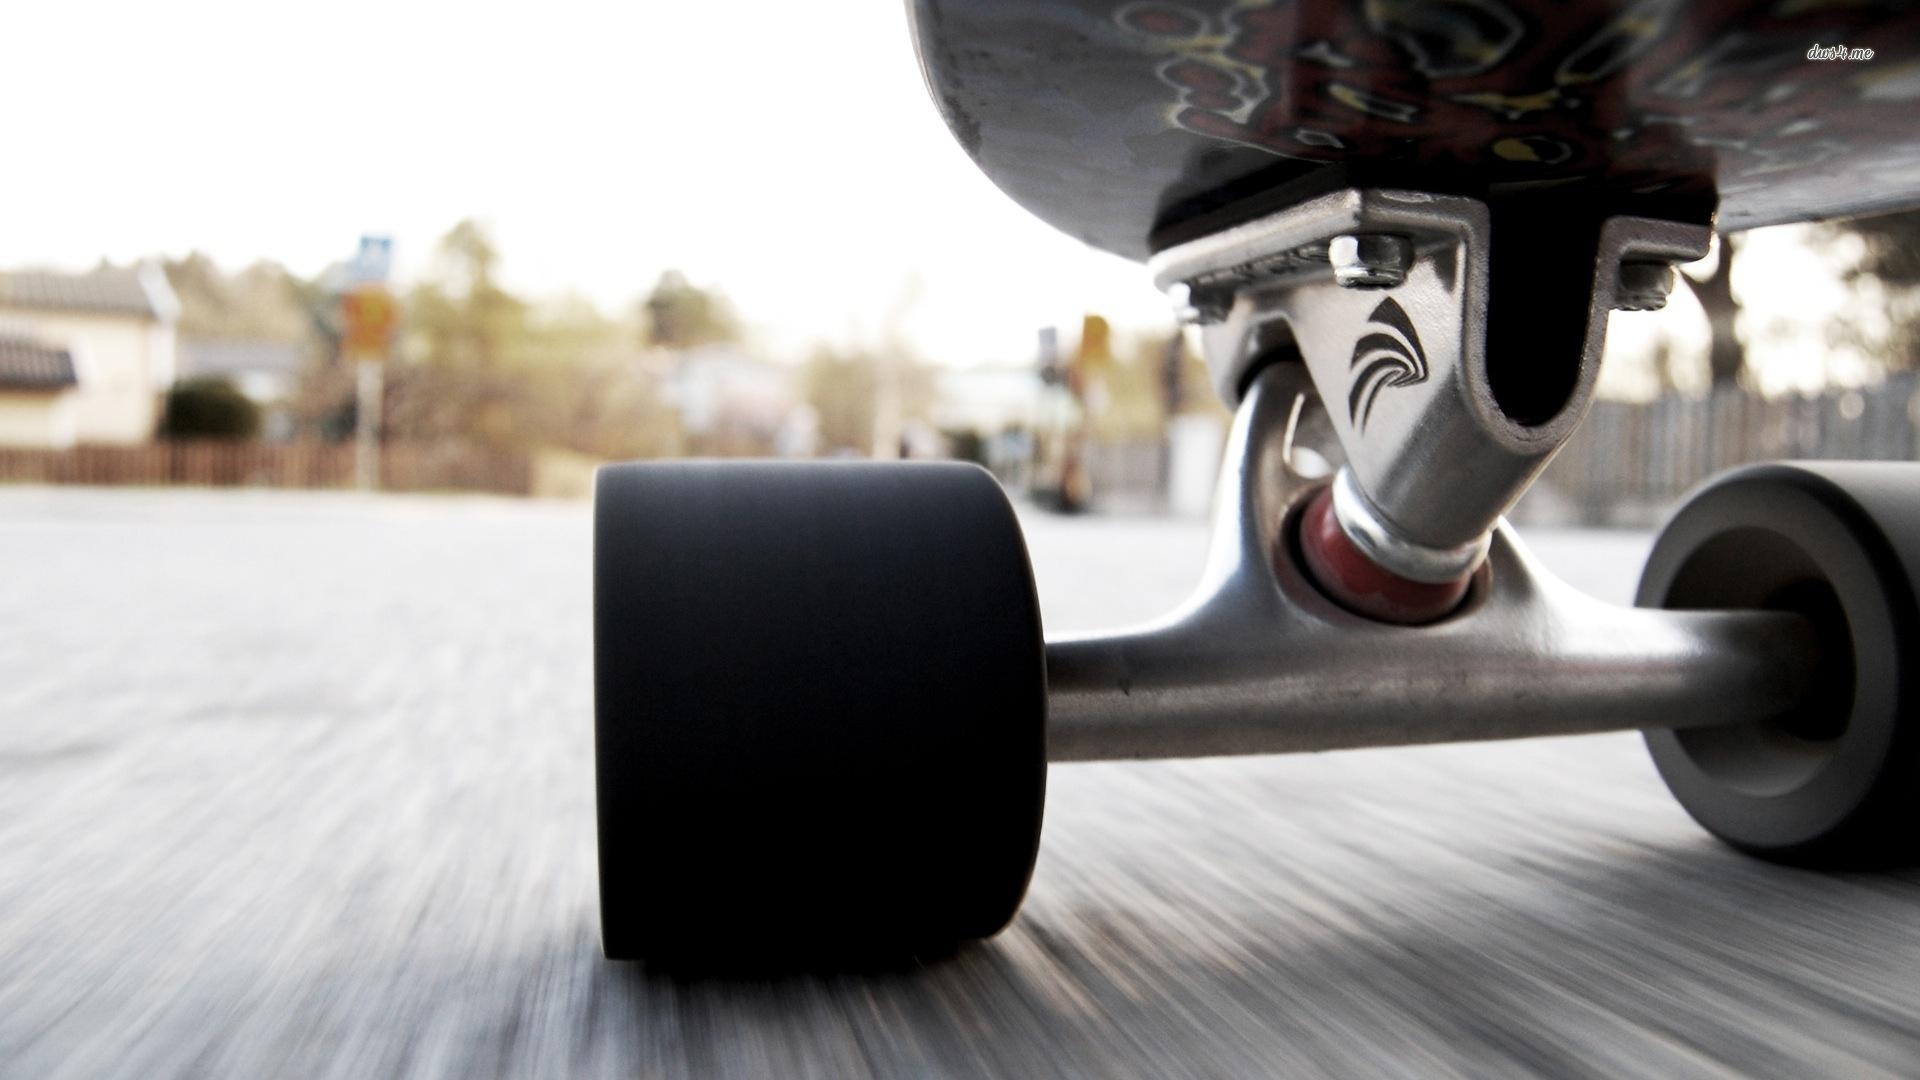 Skateboard Wallpaper Sport Wallpapers Skate Cruiser Fond Ecran 1920x1080 Download Hd Wallpaper Wallpapertip